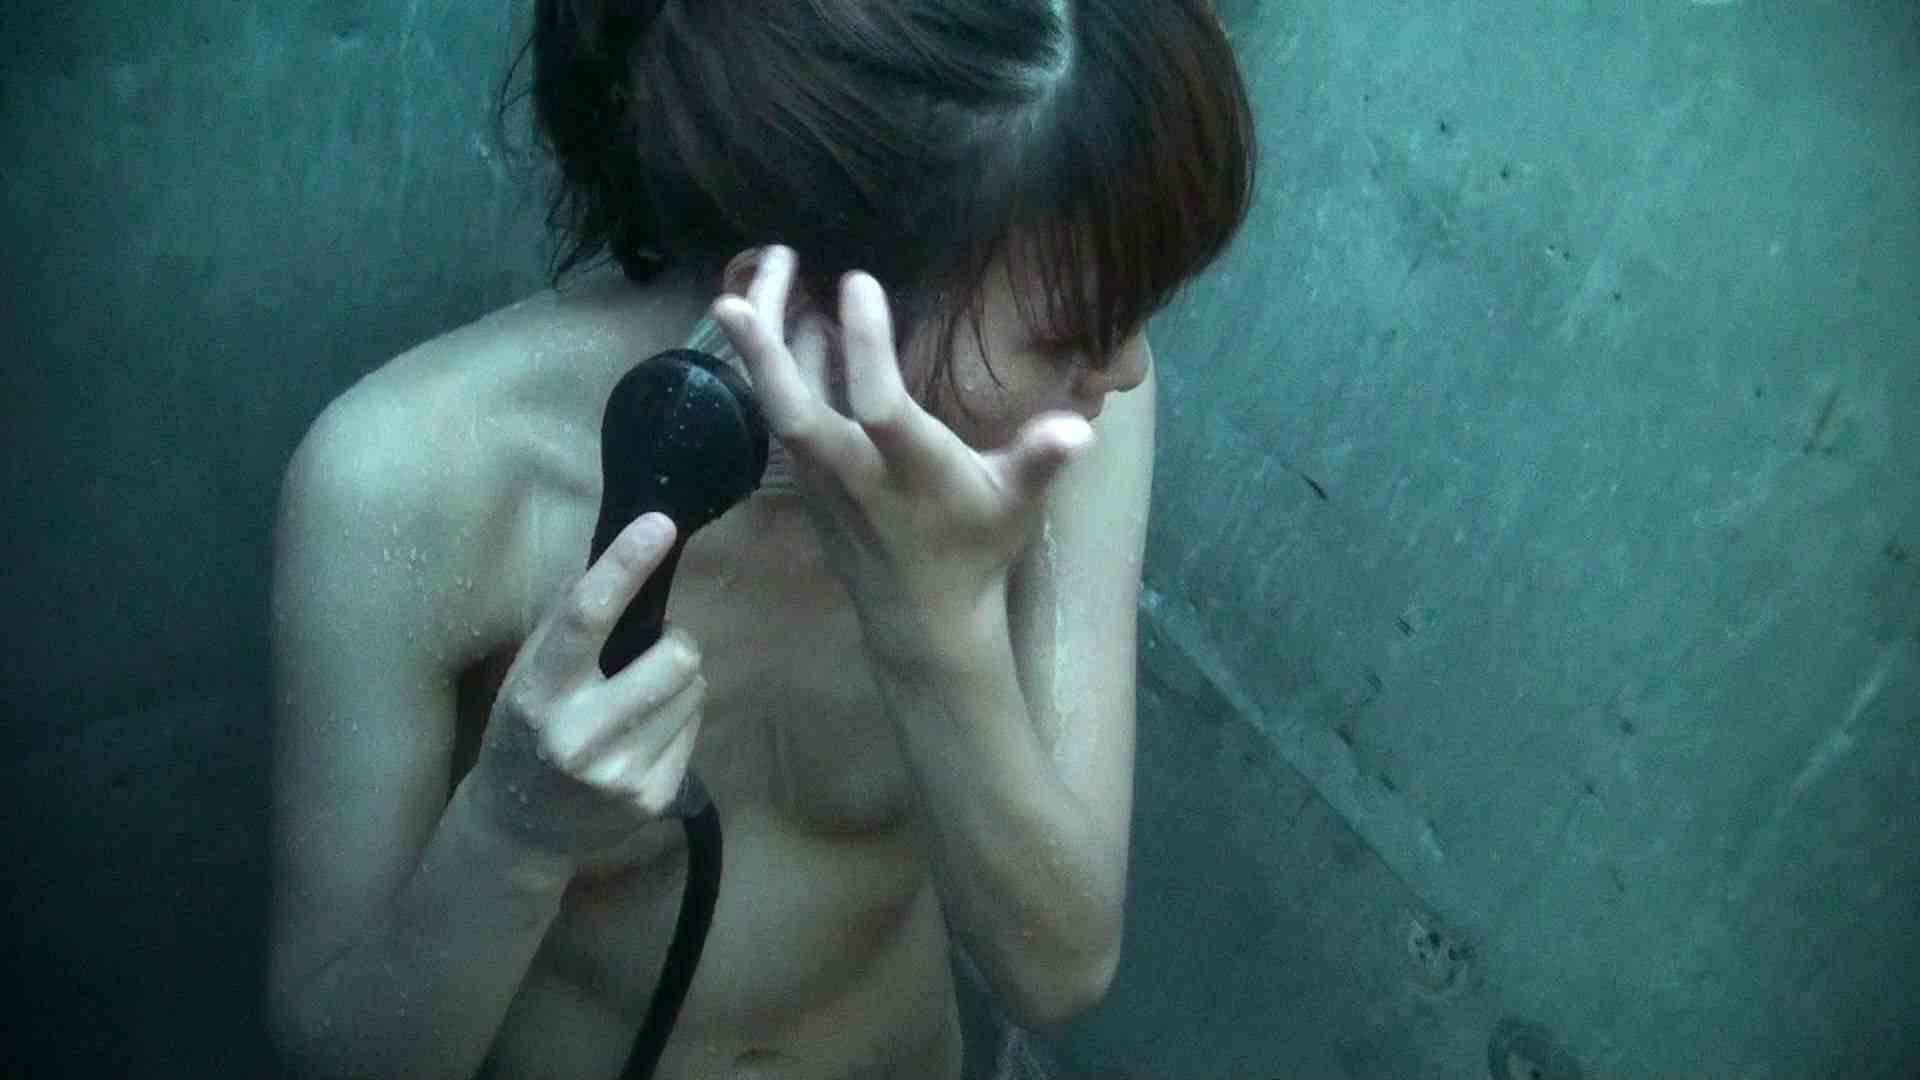 シャワールームは超!!危険な香りVol.30 甘栗剥いちゃいました 高画質モード | 脱衣所の着替え  56画像 31